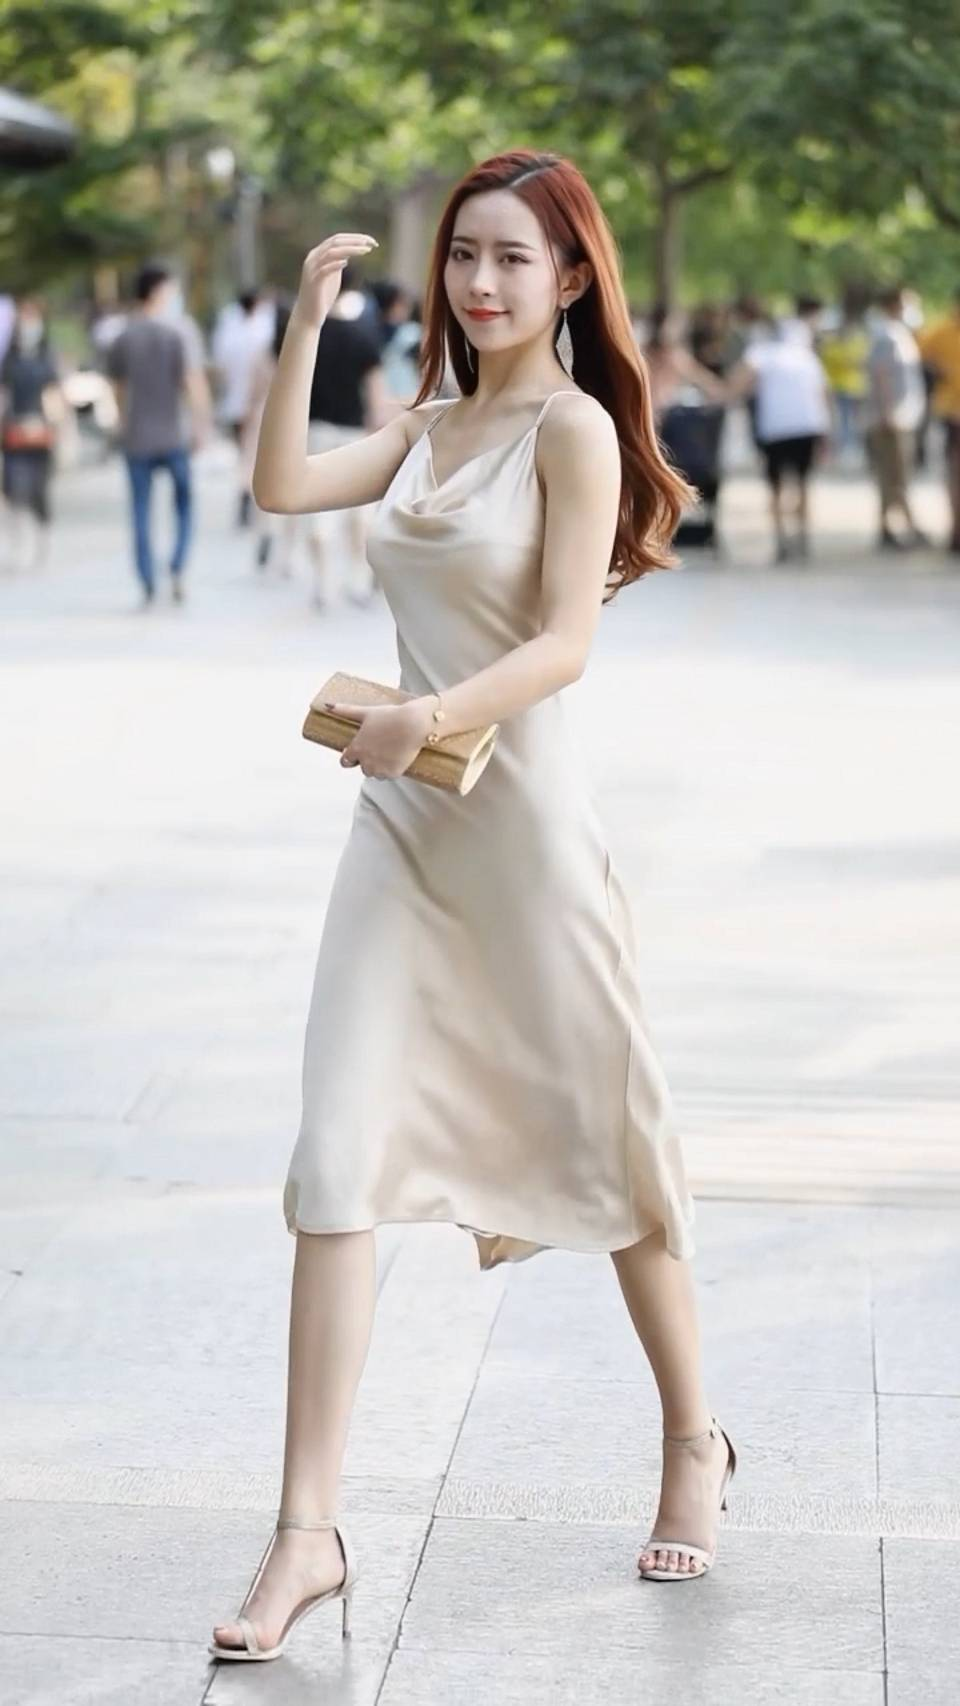 街拍,美女穿改良的旗袍,尽显知性魅力